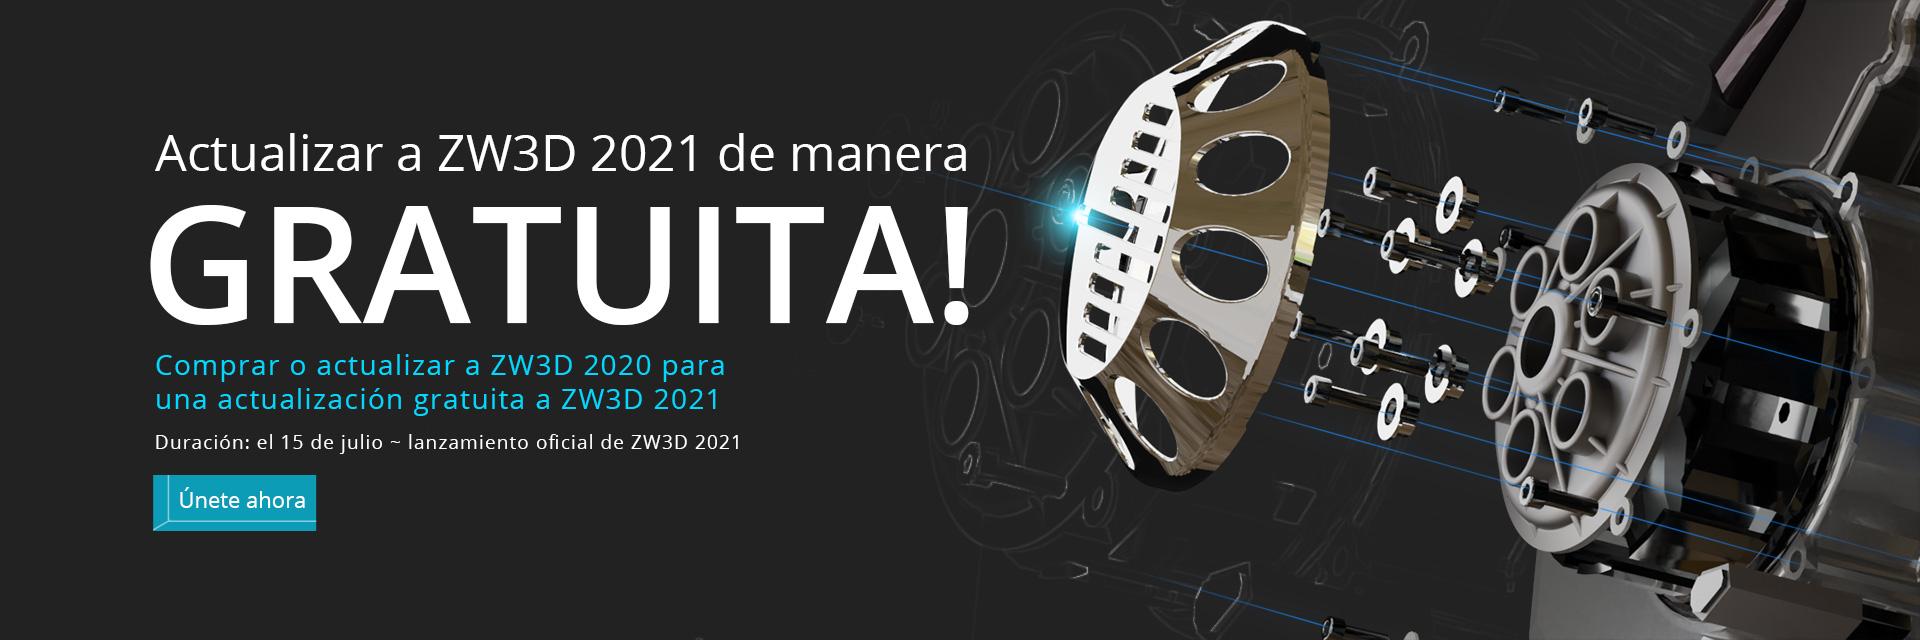 20200623-ZW3D-2021-prelaunch-promotion-banner.jpg